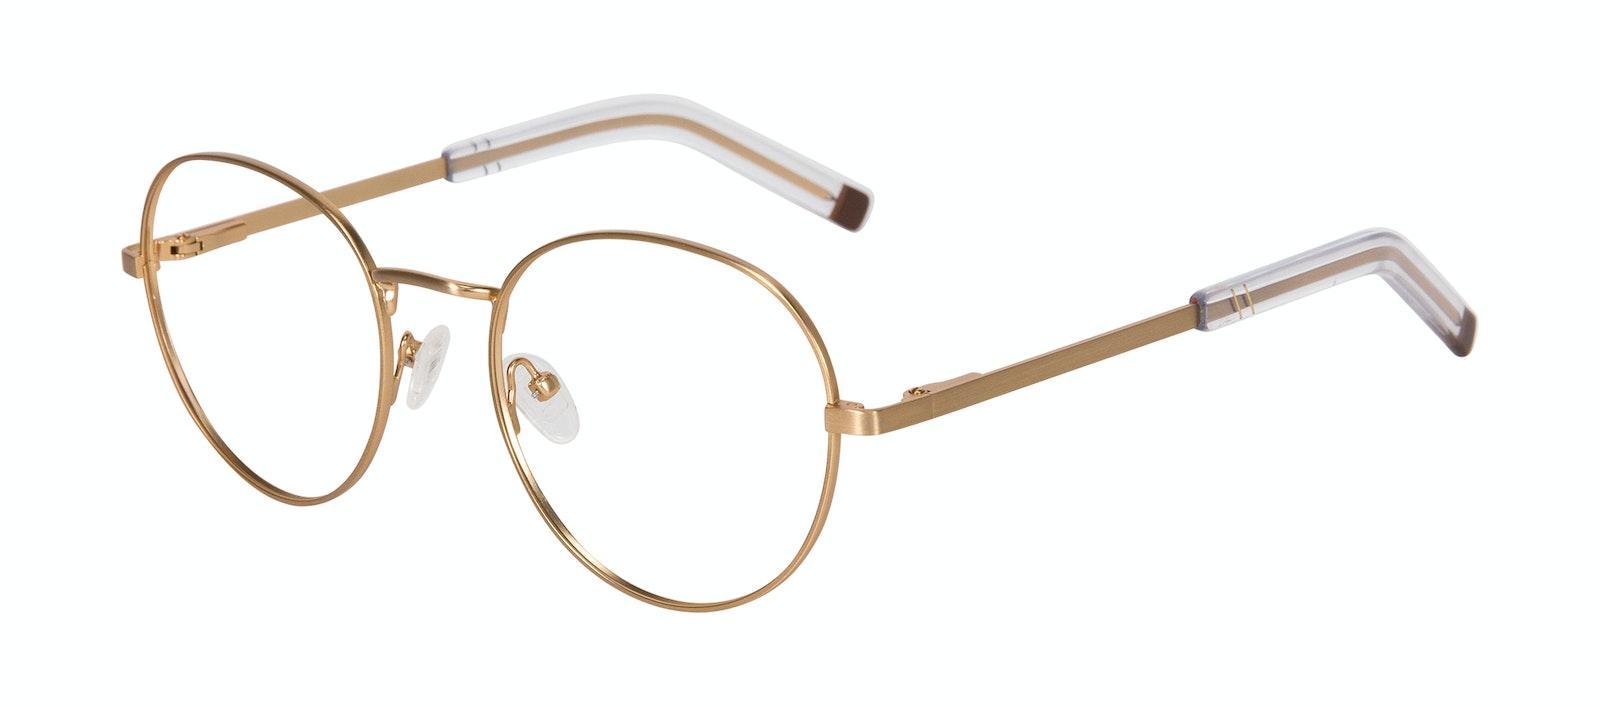 Lunettes tendance Ronde Lunettes de vue Hommes Lean XL Gold Matte Incliné